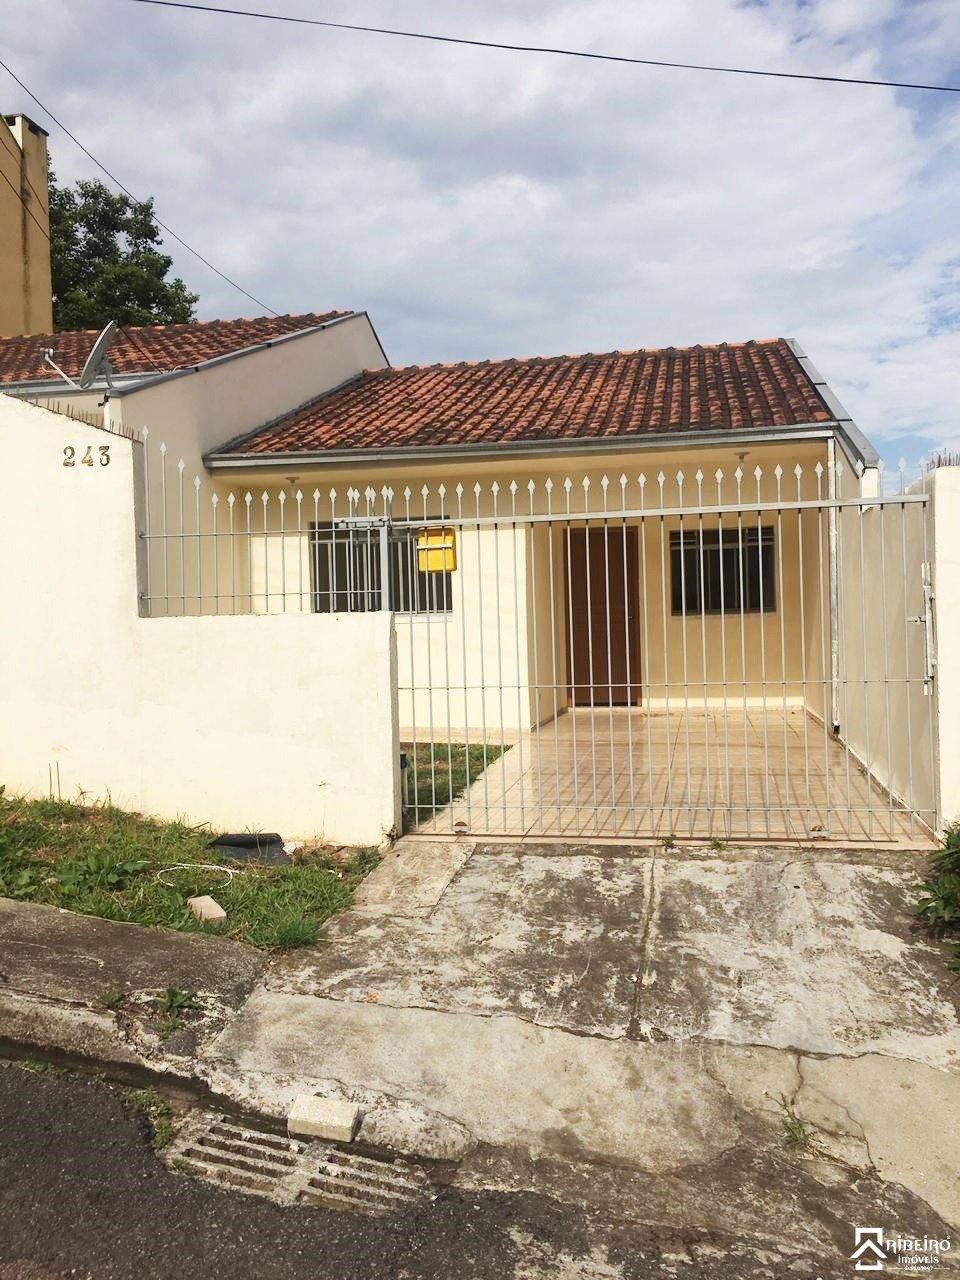 REF. 7886 -  São José Dos Pinhais - Rua  Mahatma Gandhi, 243